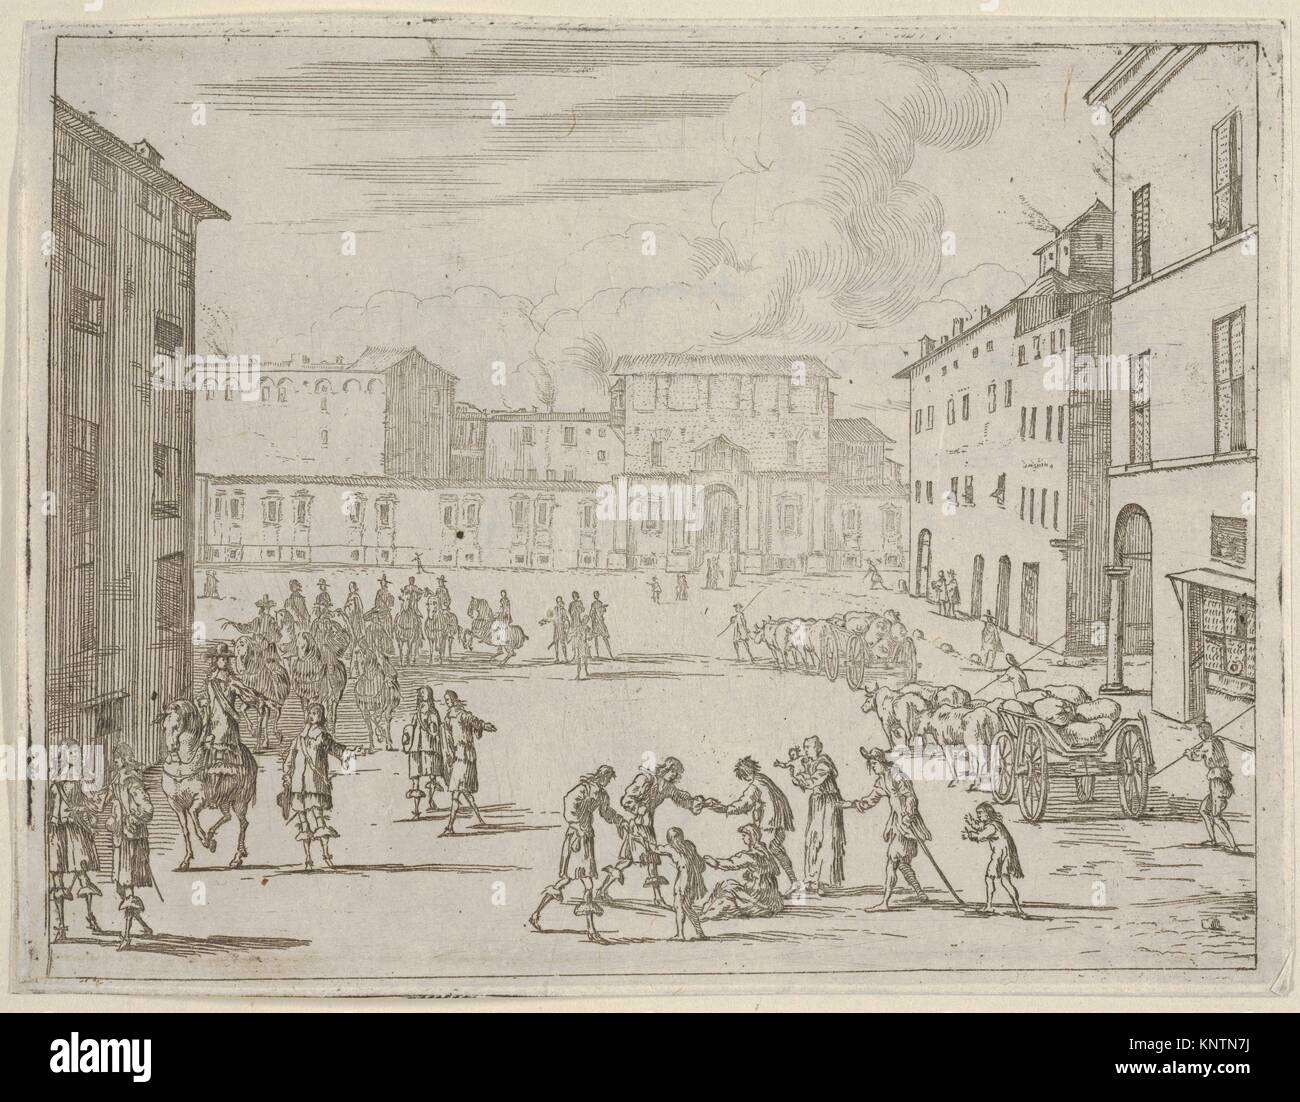 Francesco I d'Este asiste a sus súbditos con gran generosidad durante la gran hambruna de 1648 y 1649, Imagen De Stock